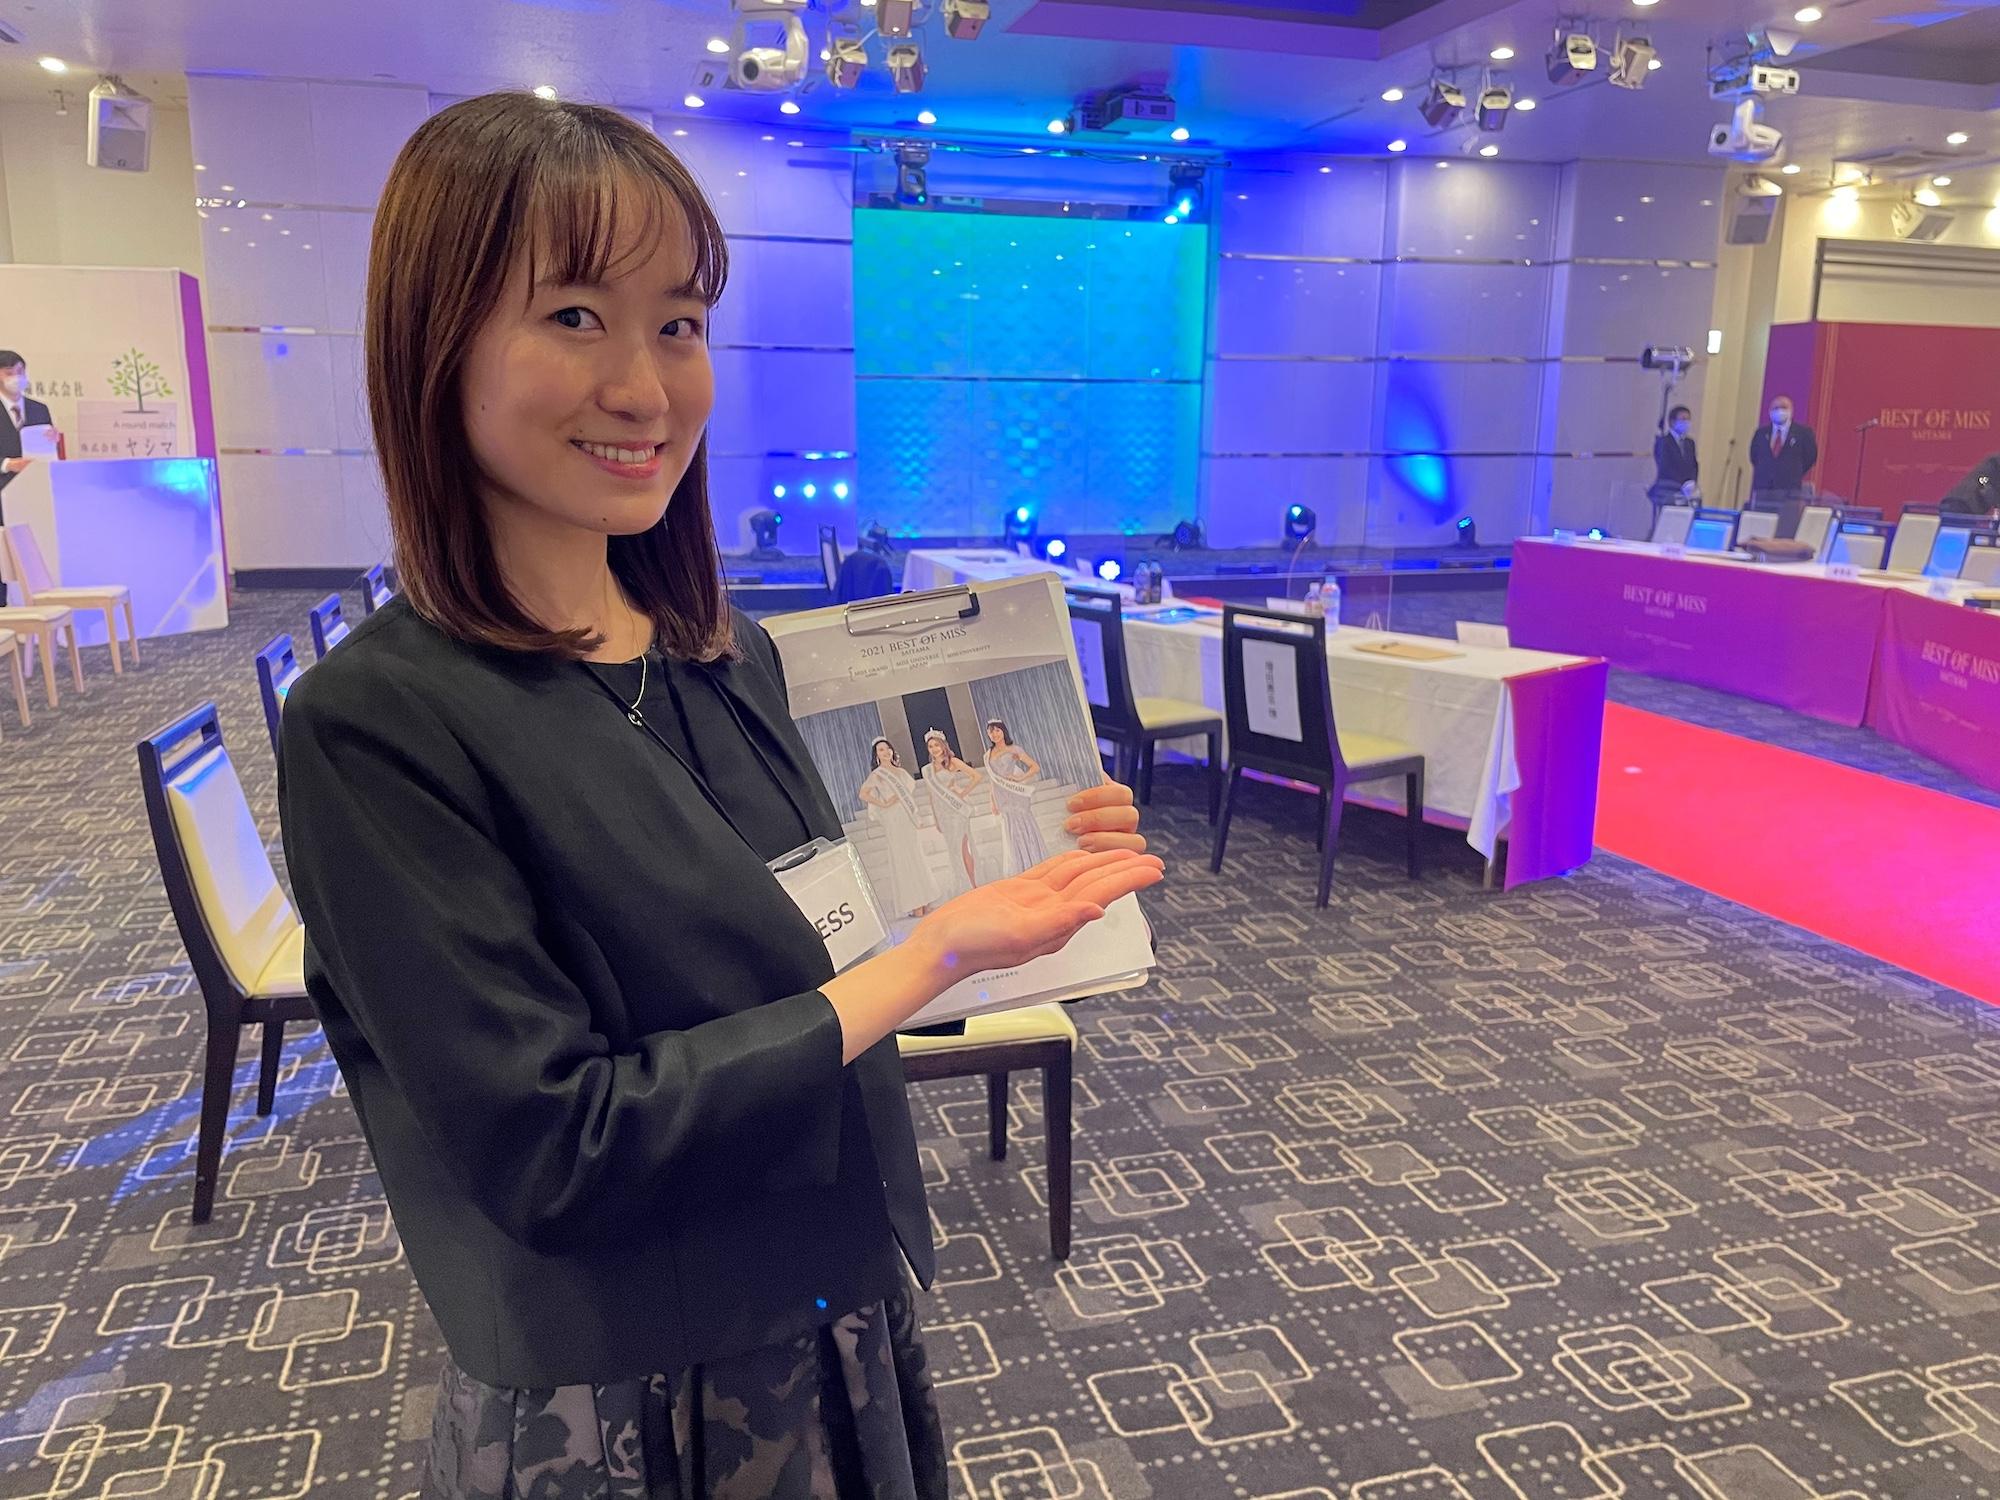 荒谷祐花(学習院大学)ACTRESS PRESS REPORTER